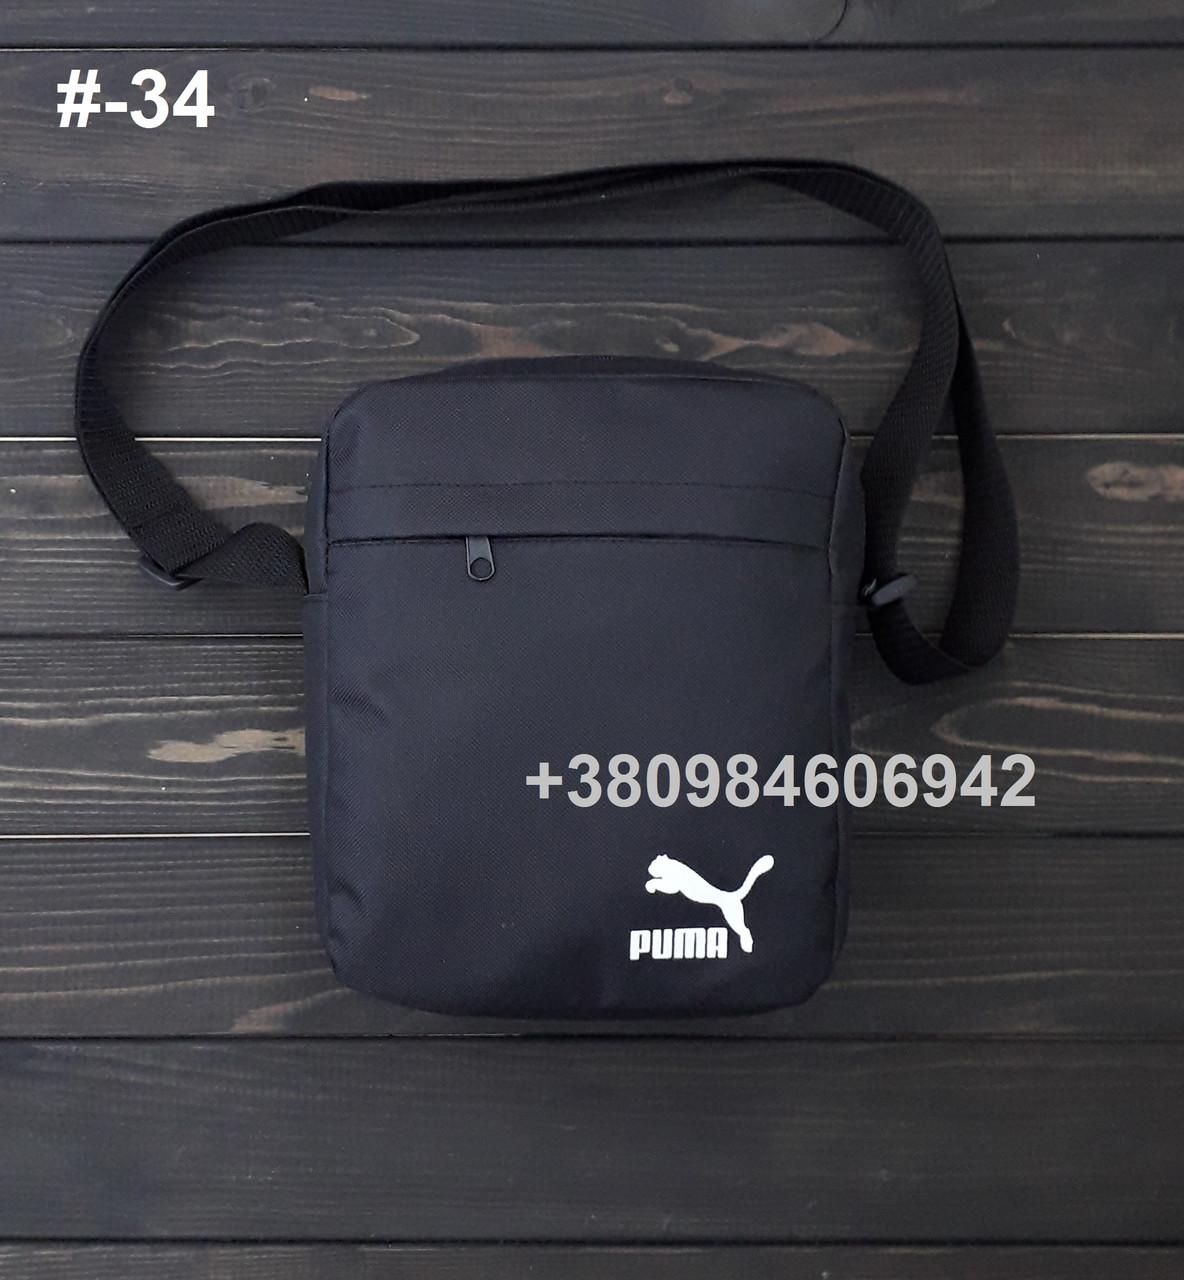 89b792f0fc2e Опт.Сумка через/на плечо Nike, Puma Месенджер, Мужская Барсетка ...